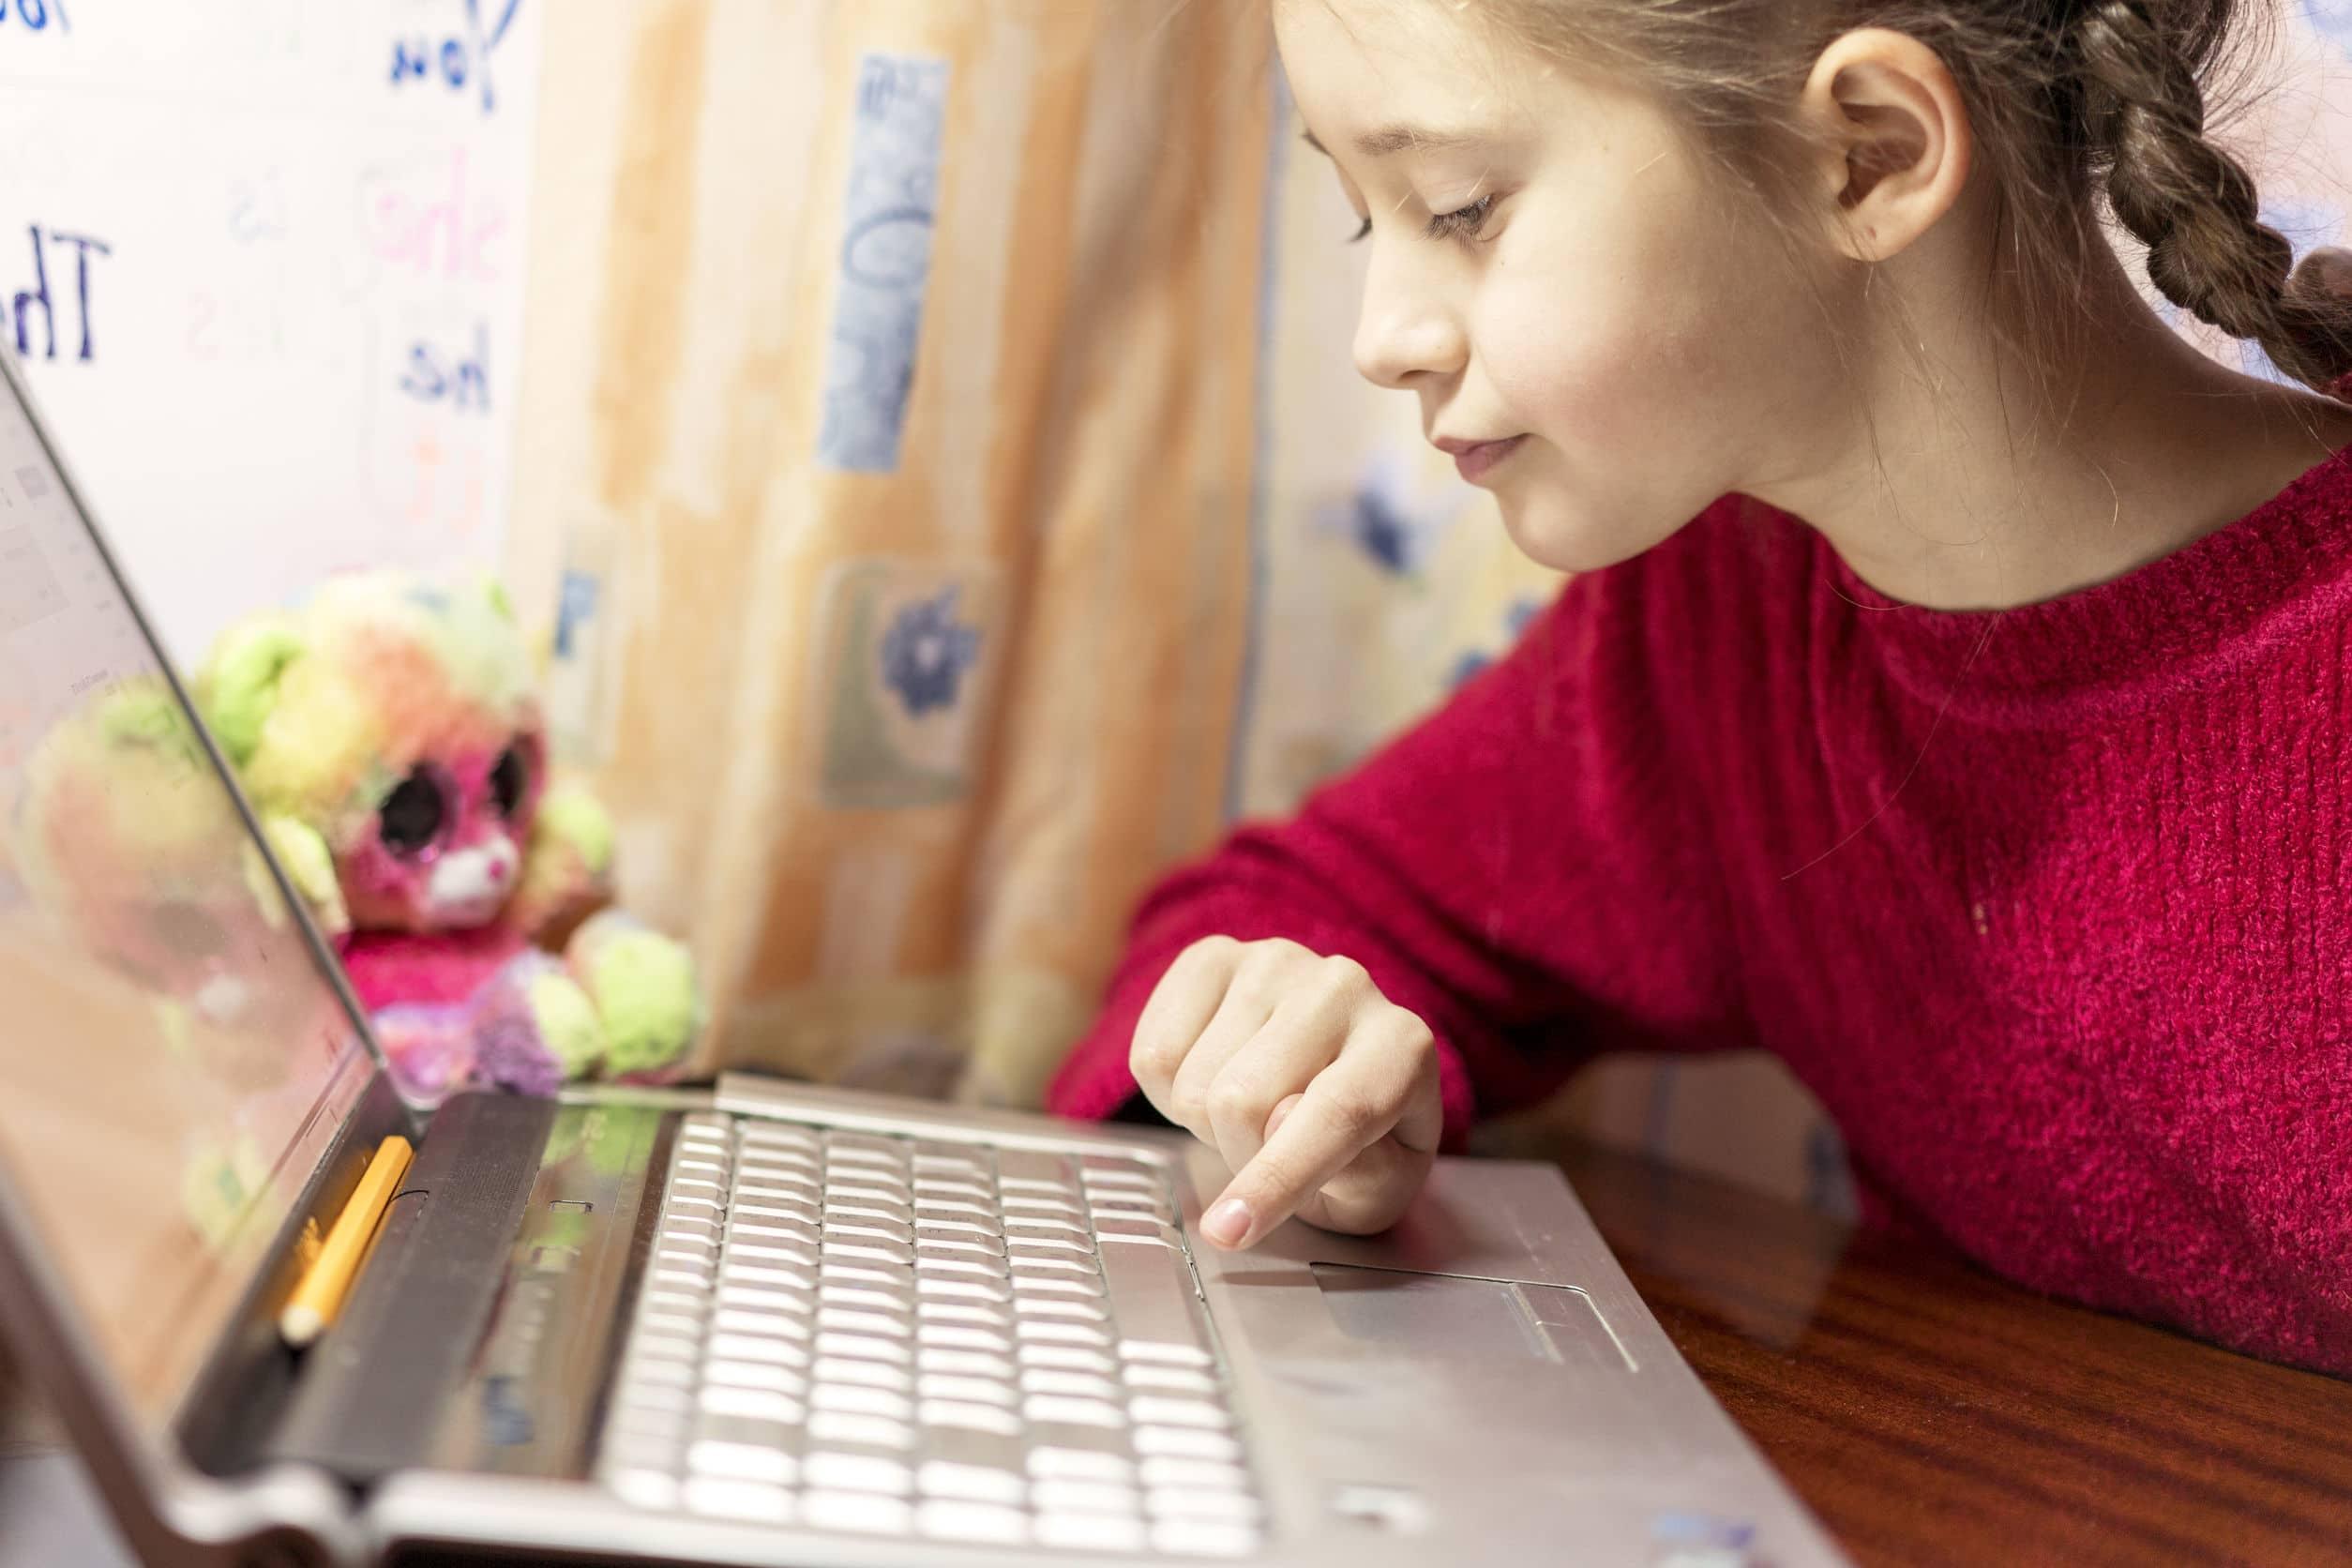 Menina usando blusa vermelha e trança no cabelo. Usando o computador no quarto. Ao lado um ursinho na cor verde e rosa.